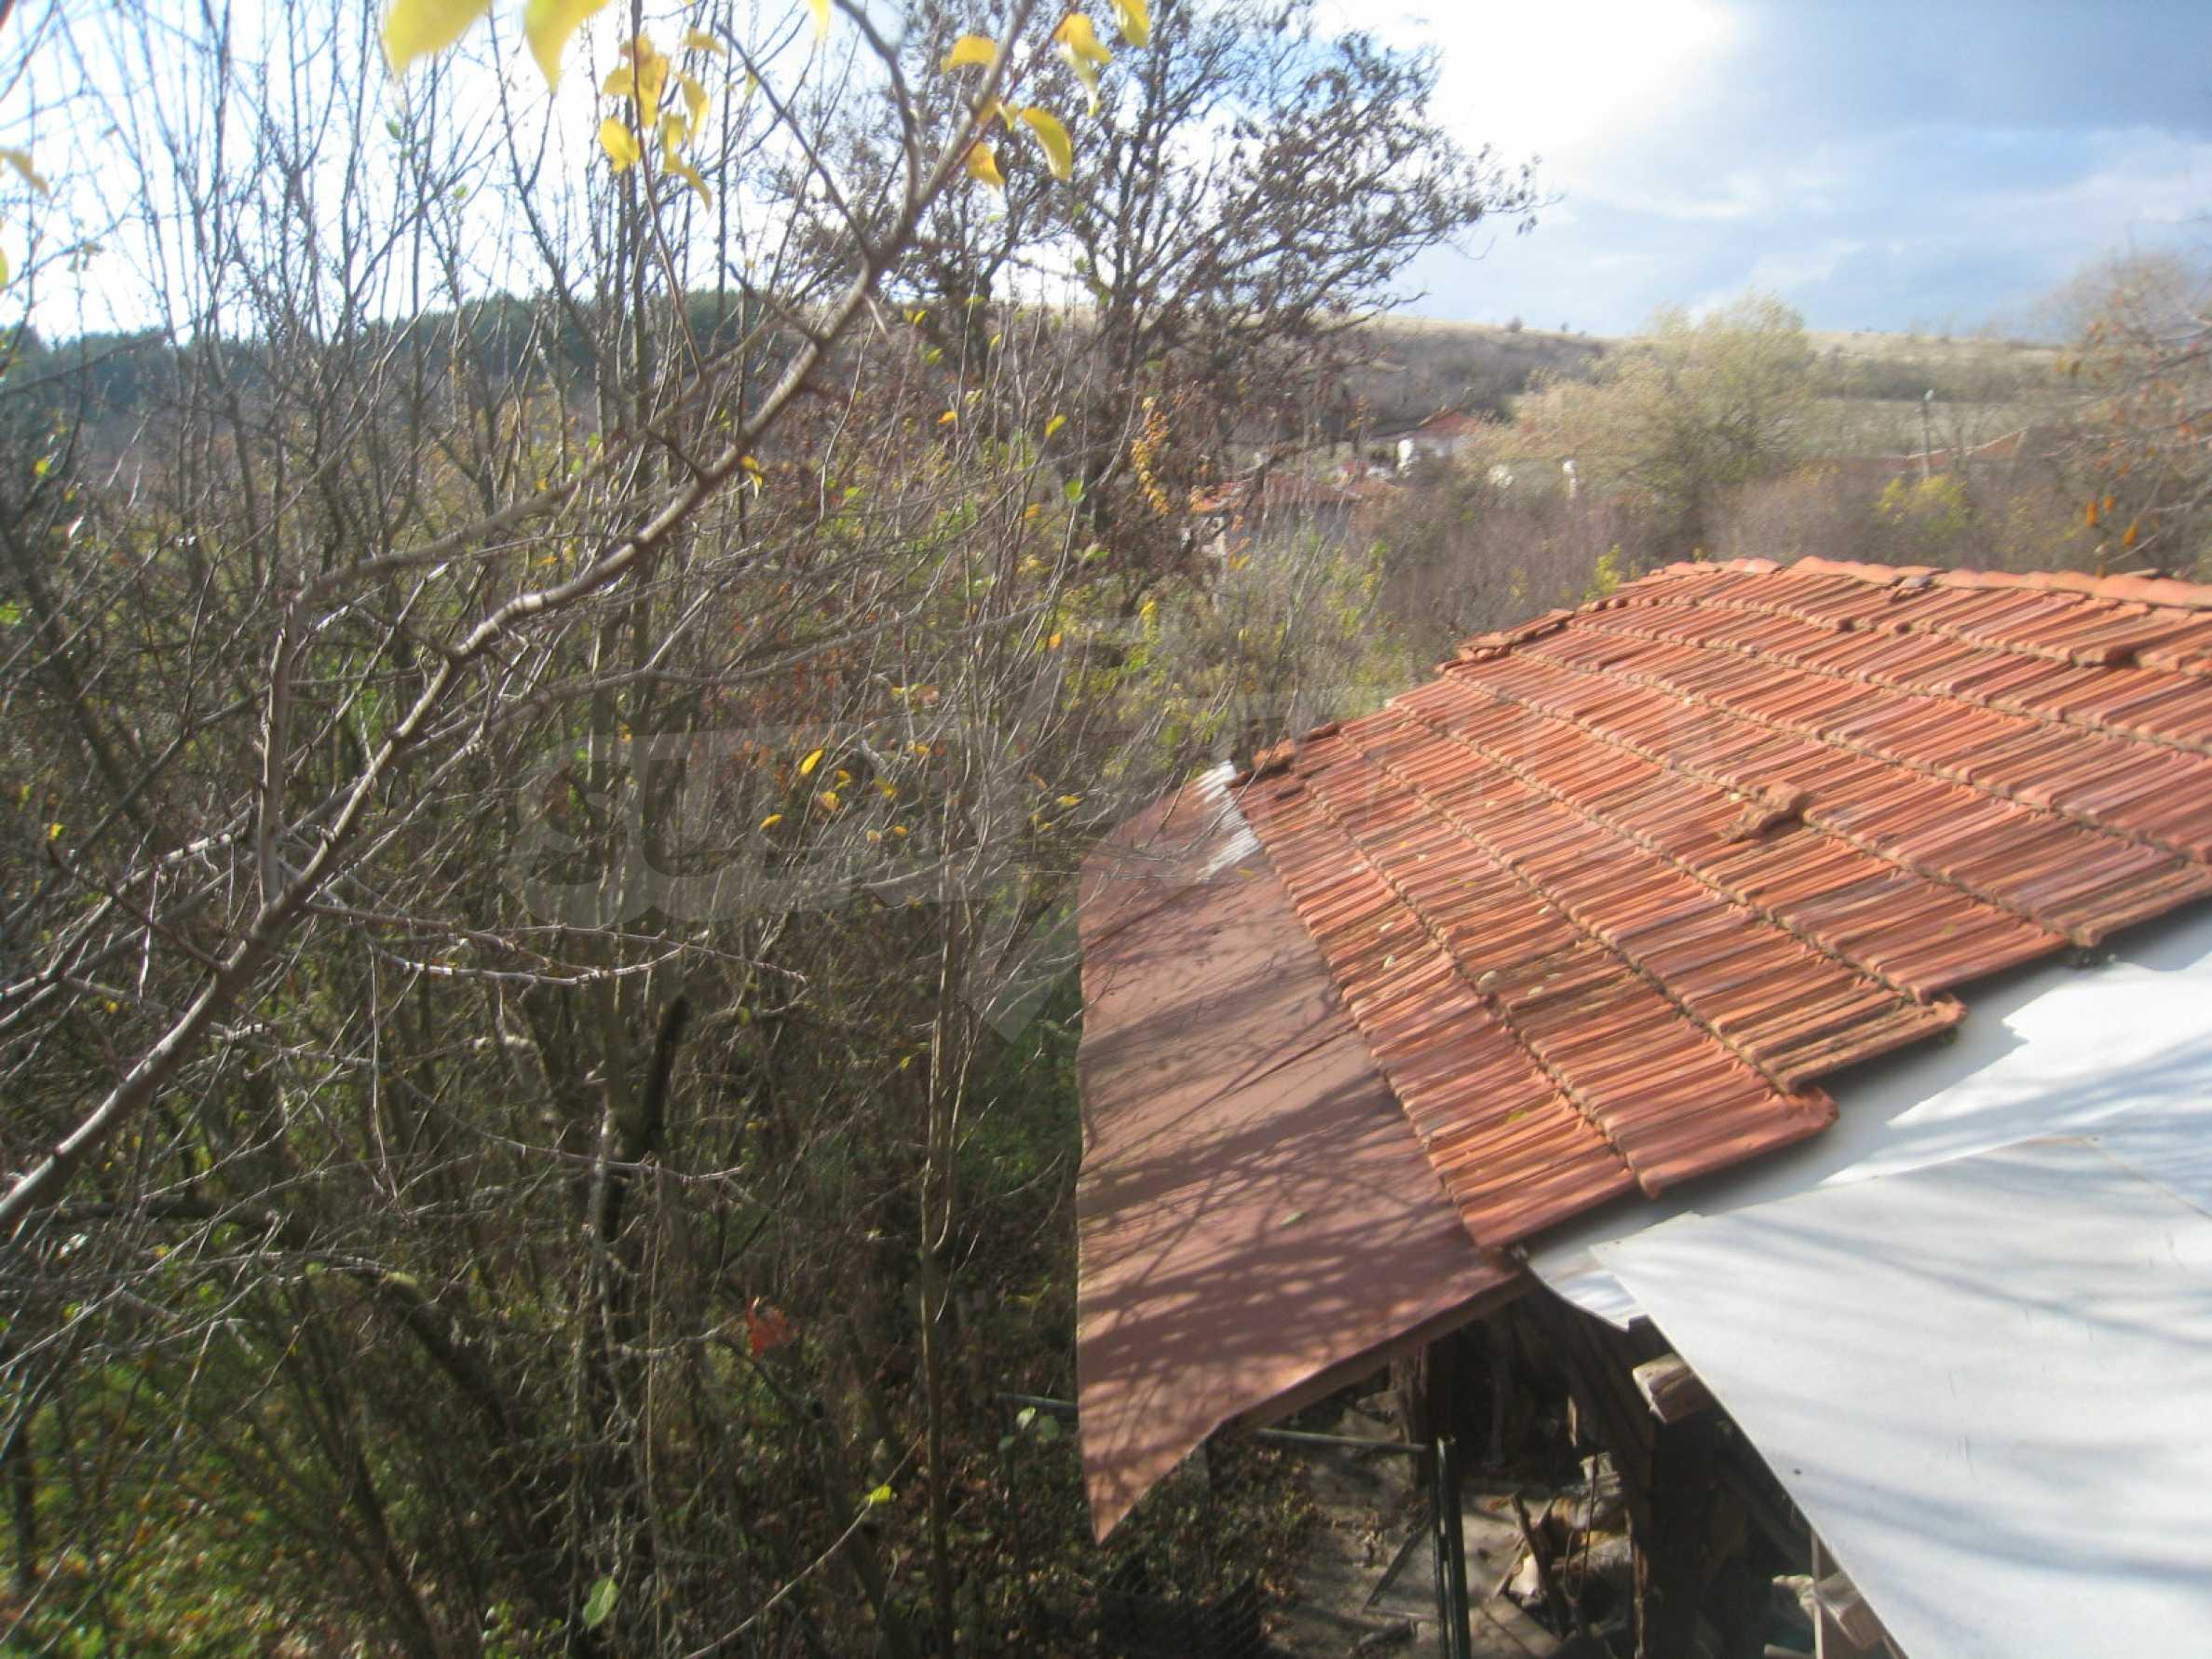 Haus zum Verkauf in der Nähe von Kyustendil 39